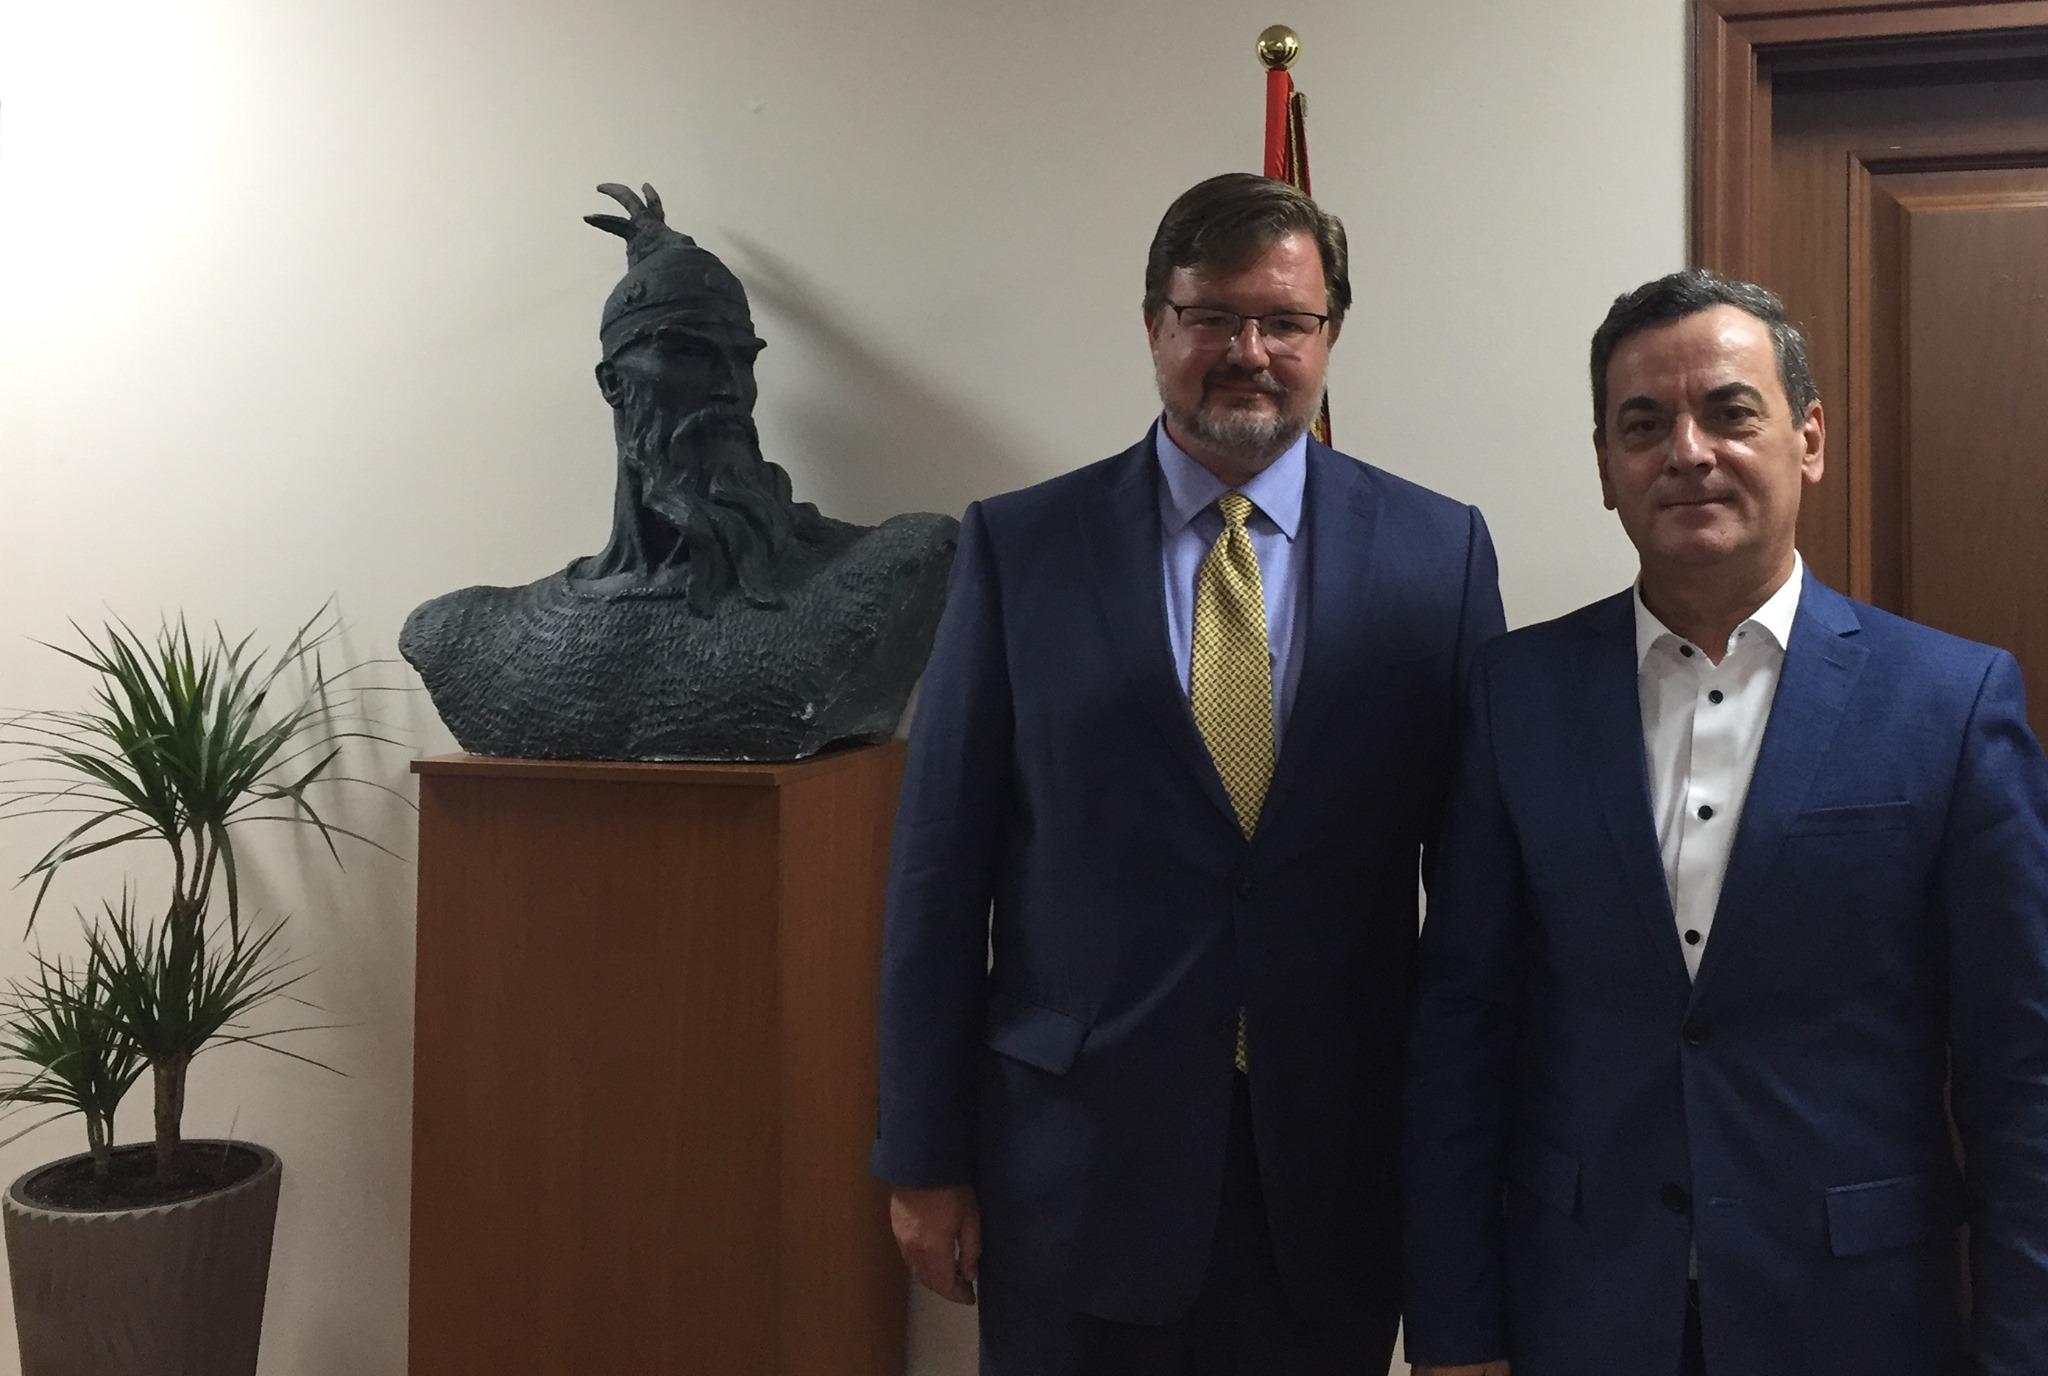 Ben Rockwell, Drejtori i Çështjeve Ndërkombëtare të Drogës dhe Zbatimit të Ligjit, u takua me Zëvendëskryetarin e Gjykatës së Lartë, Gjyqtarin Sokol Sadushi për të biseduar mbi mbështetjen e qeverisë së Shteteve të Bashkuara për reformën në drejtësi.